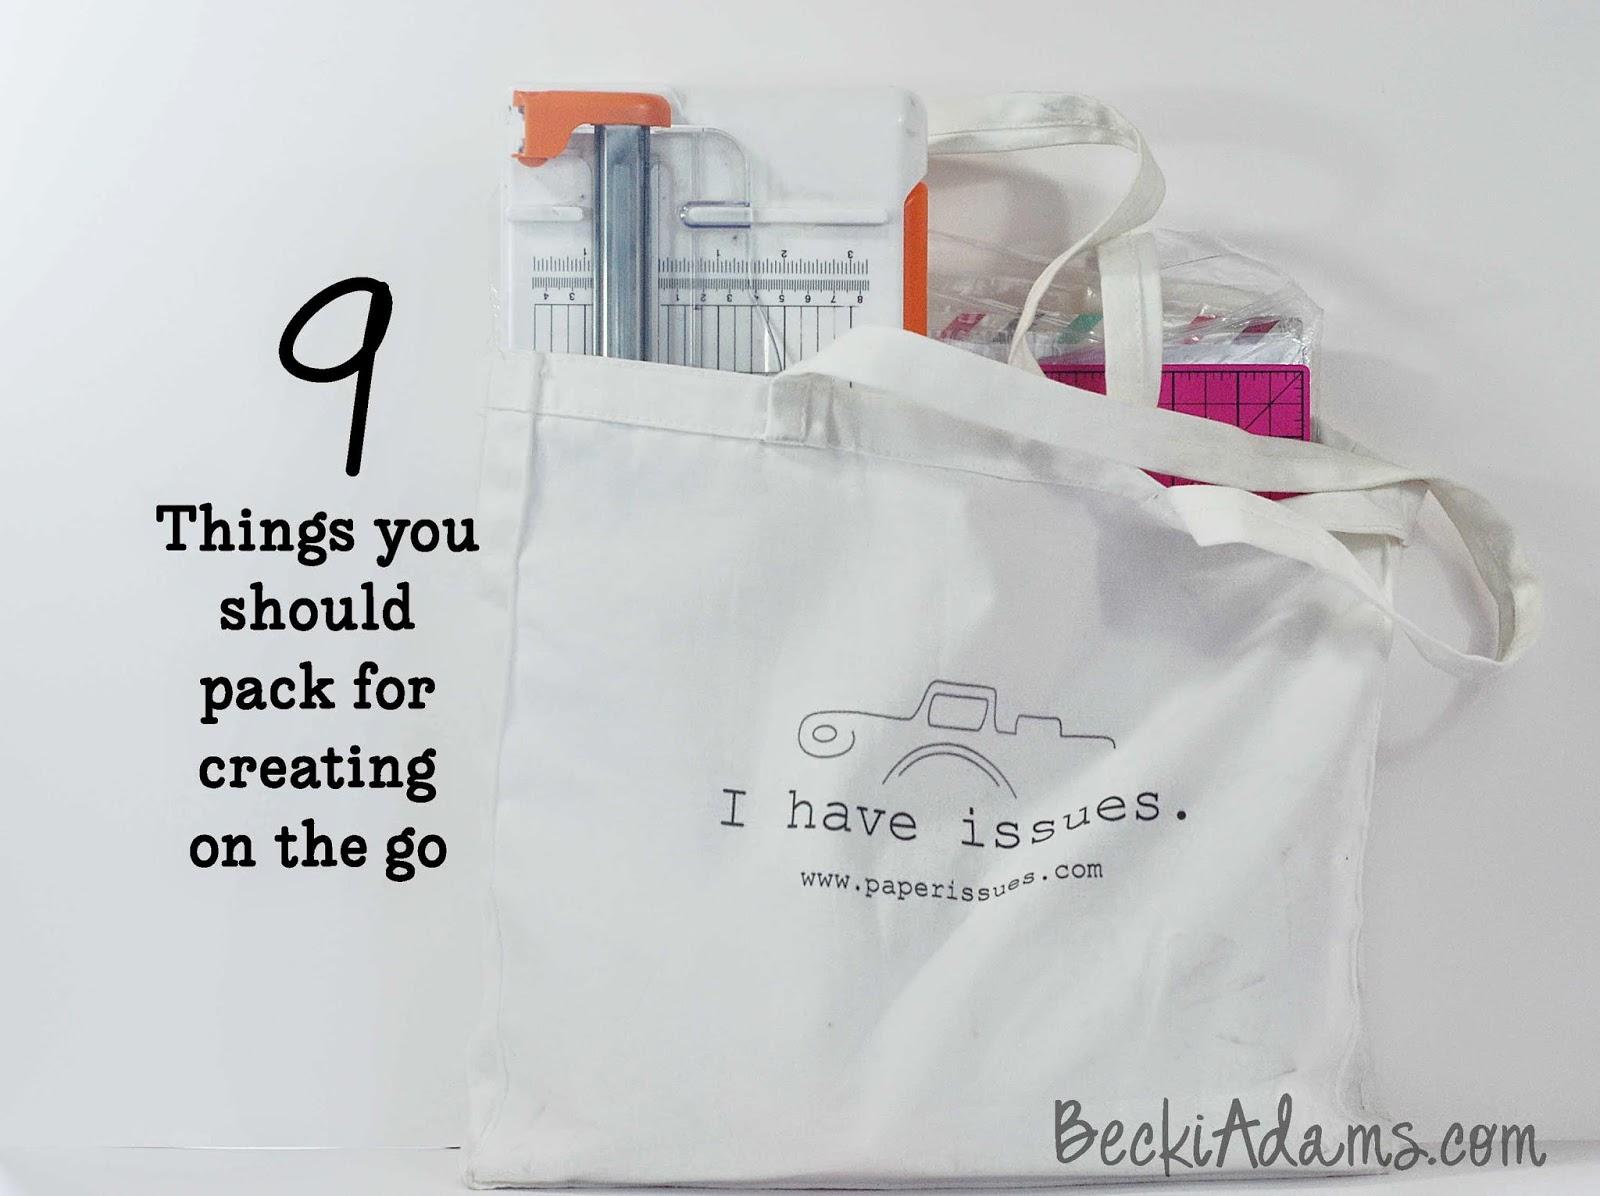 Scrapbooking essentials, scrapbooking supplies, packing scrapbooking supplies